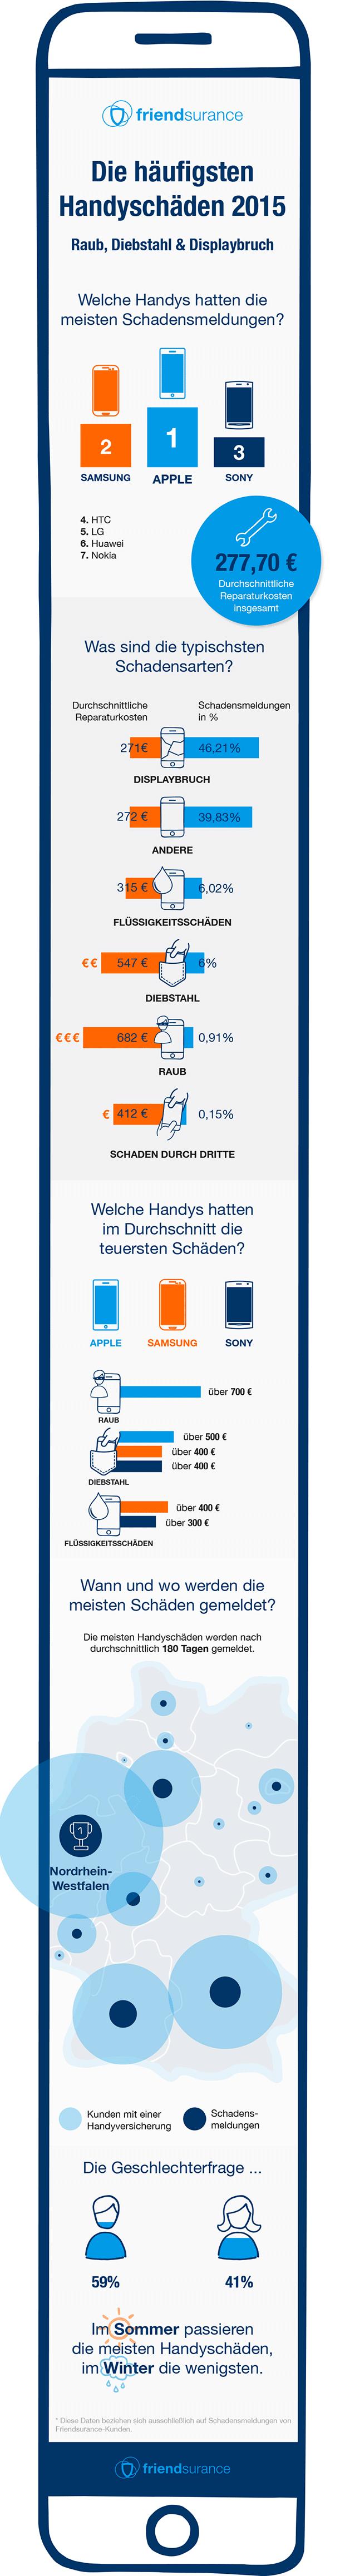 Friendsurance Infografik-Handyschäden 2015